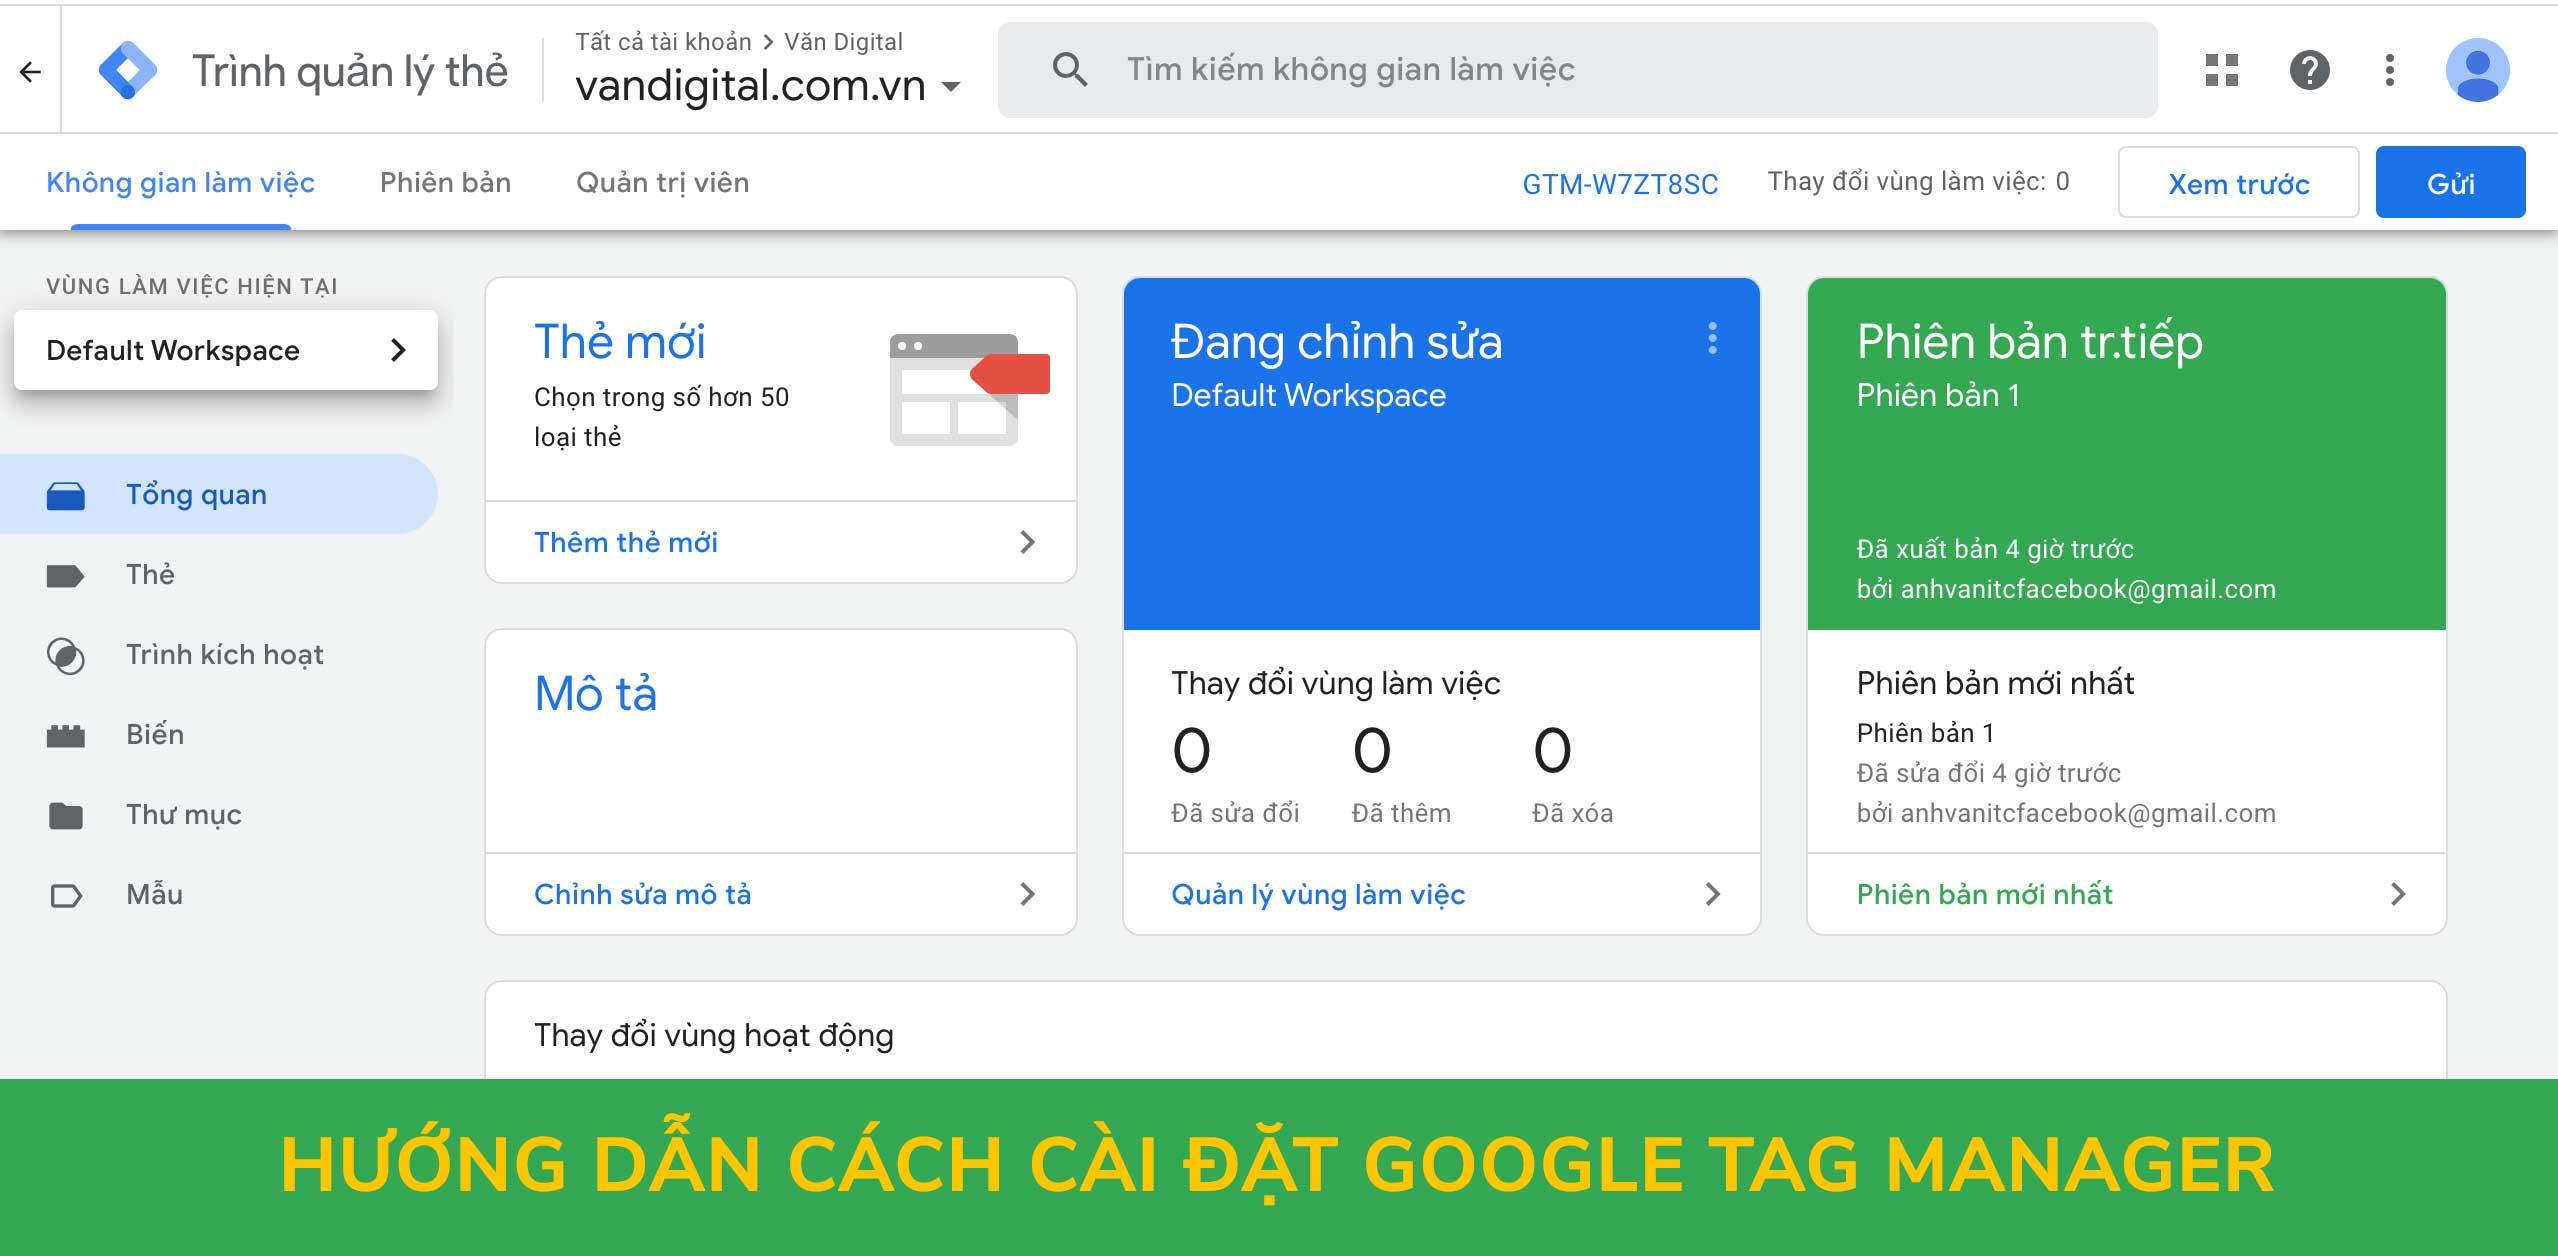 Hướng dẫn cách cài đặt Google Tag Manager cho website 1